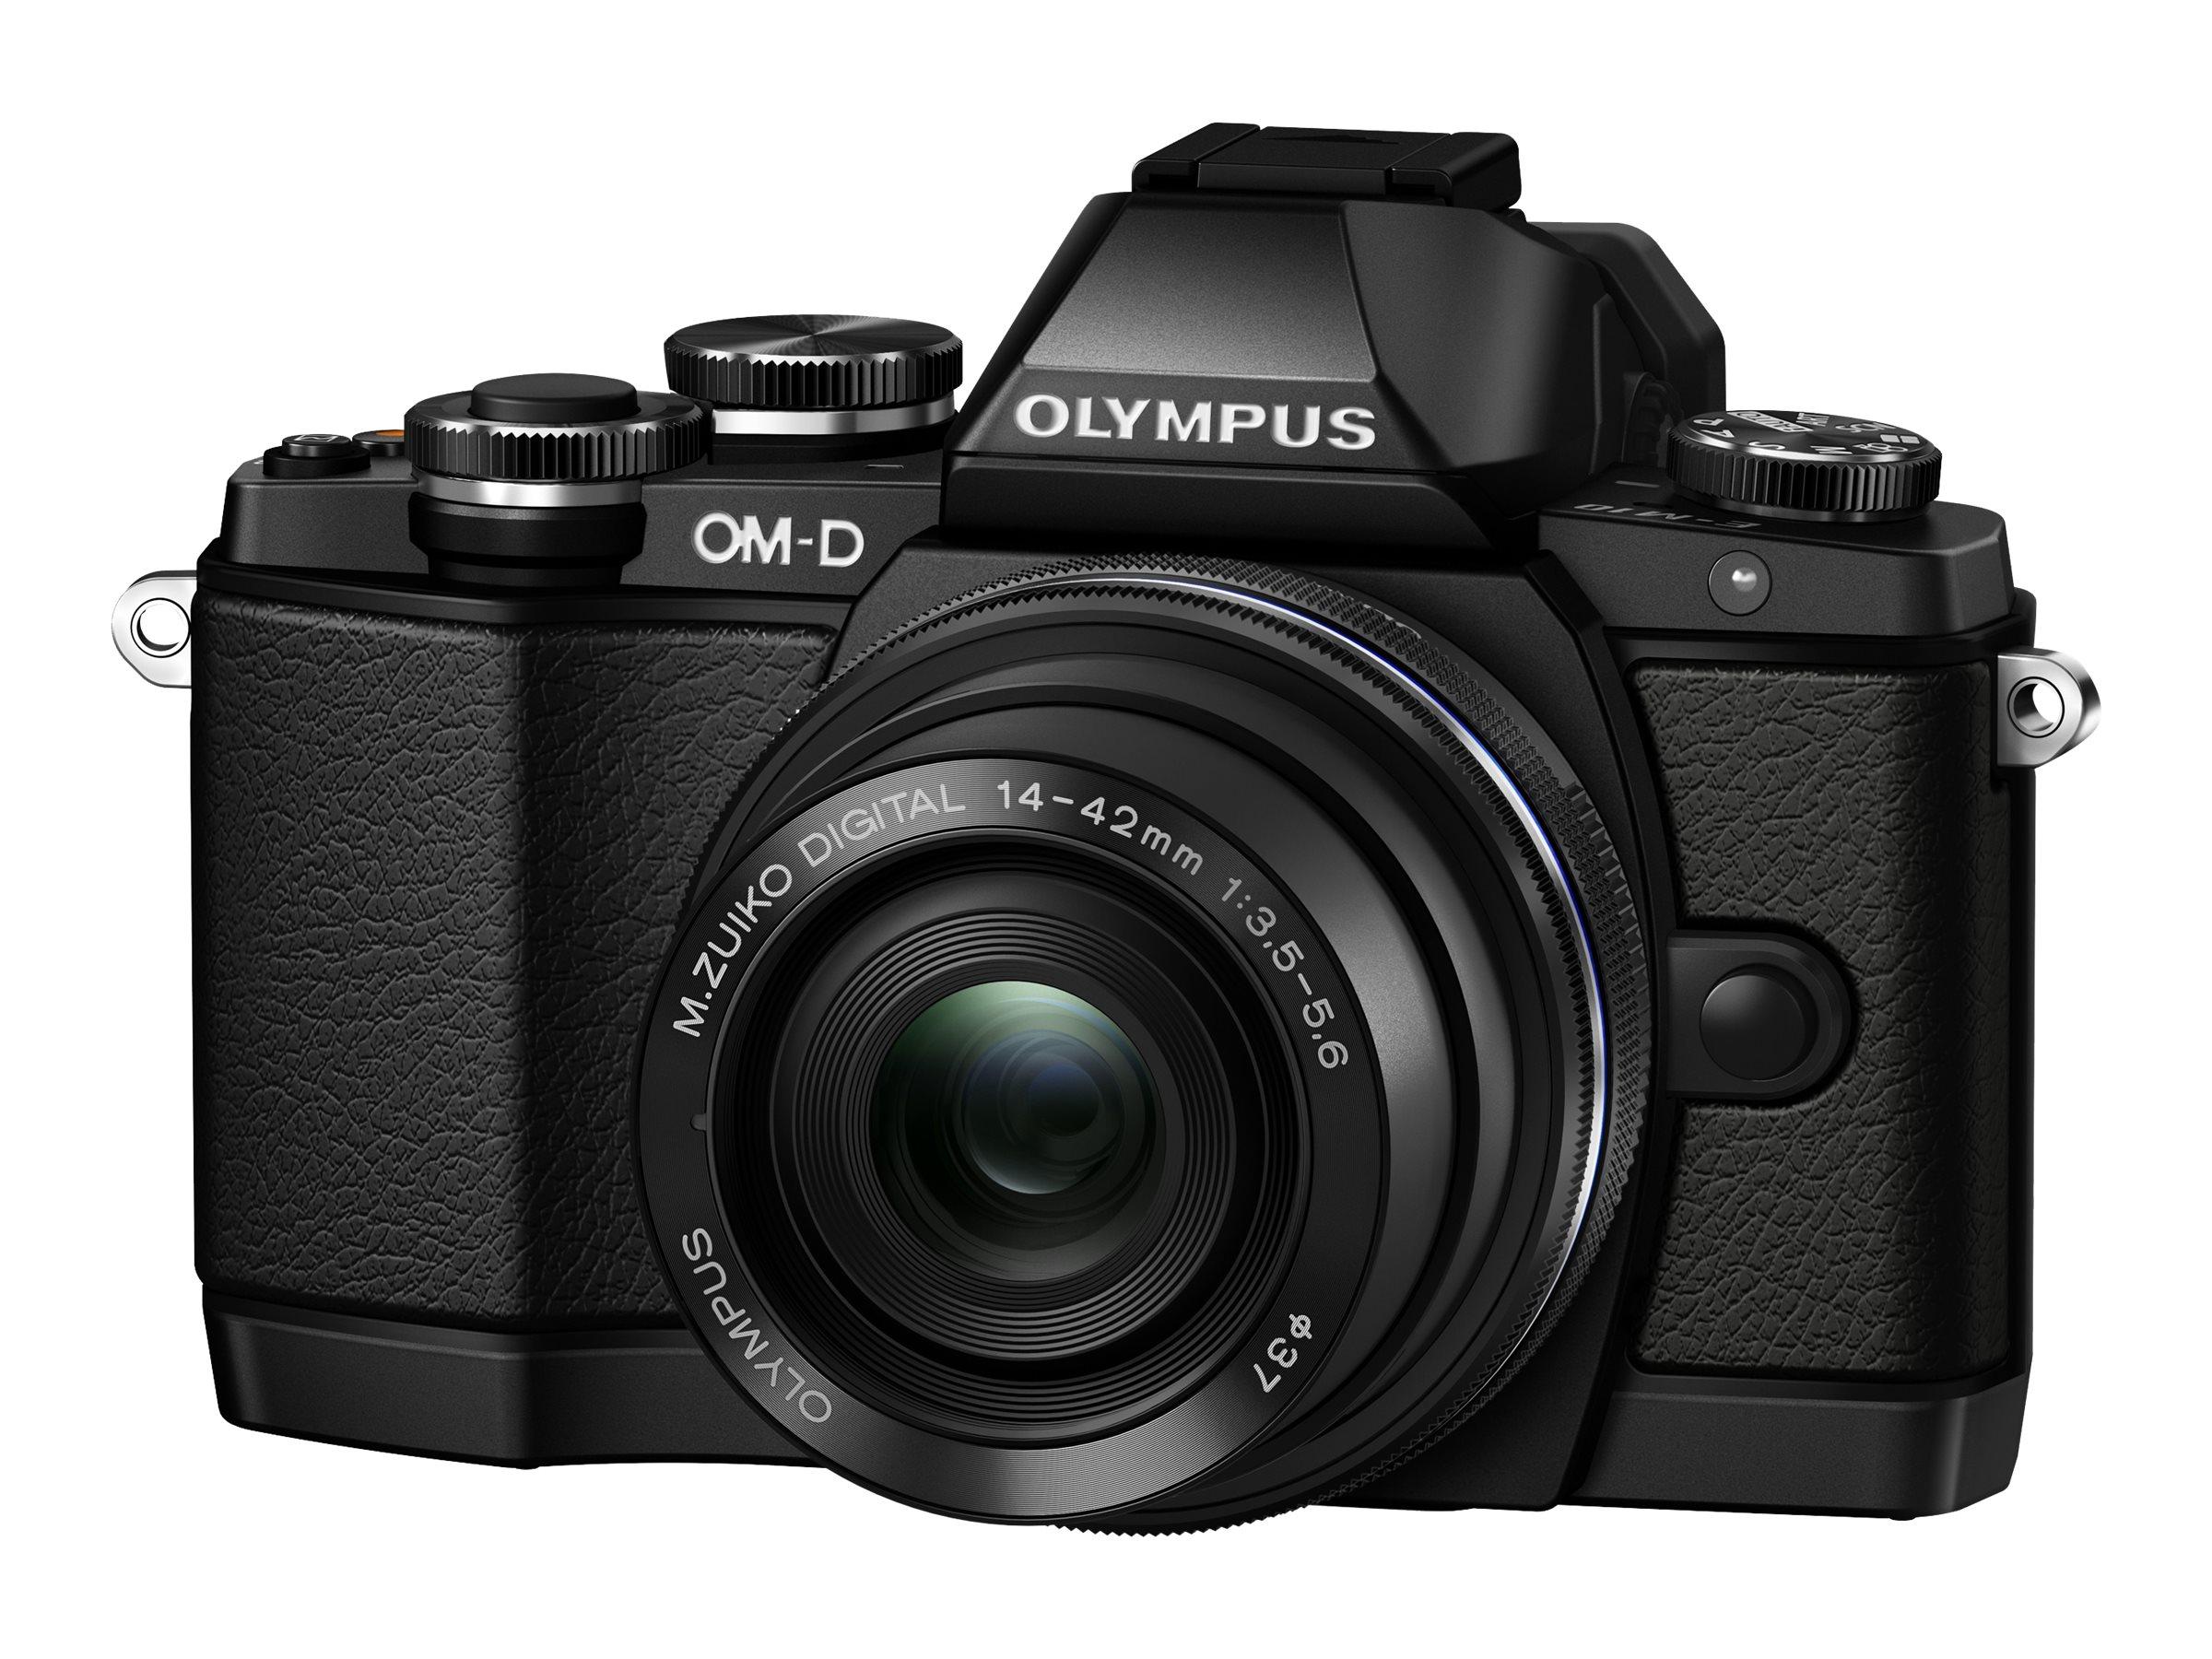 Olympus V207021BU000 Image 1